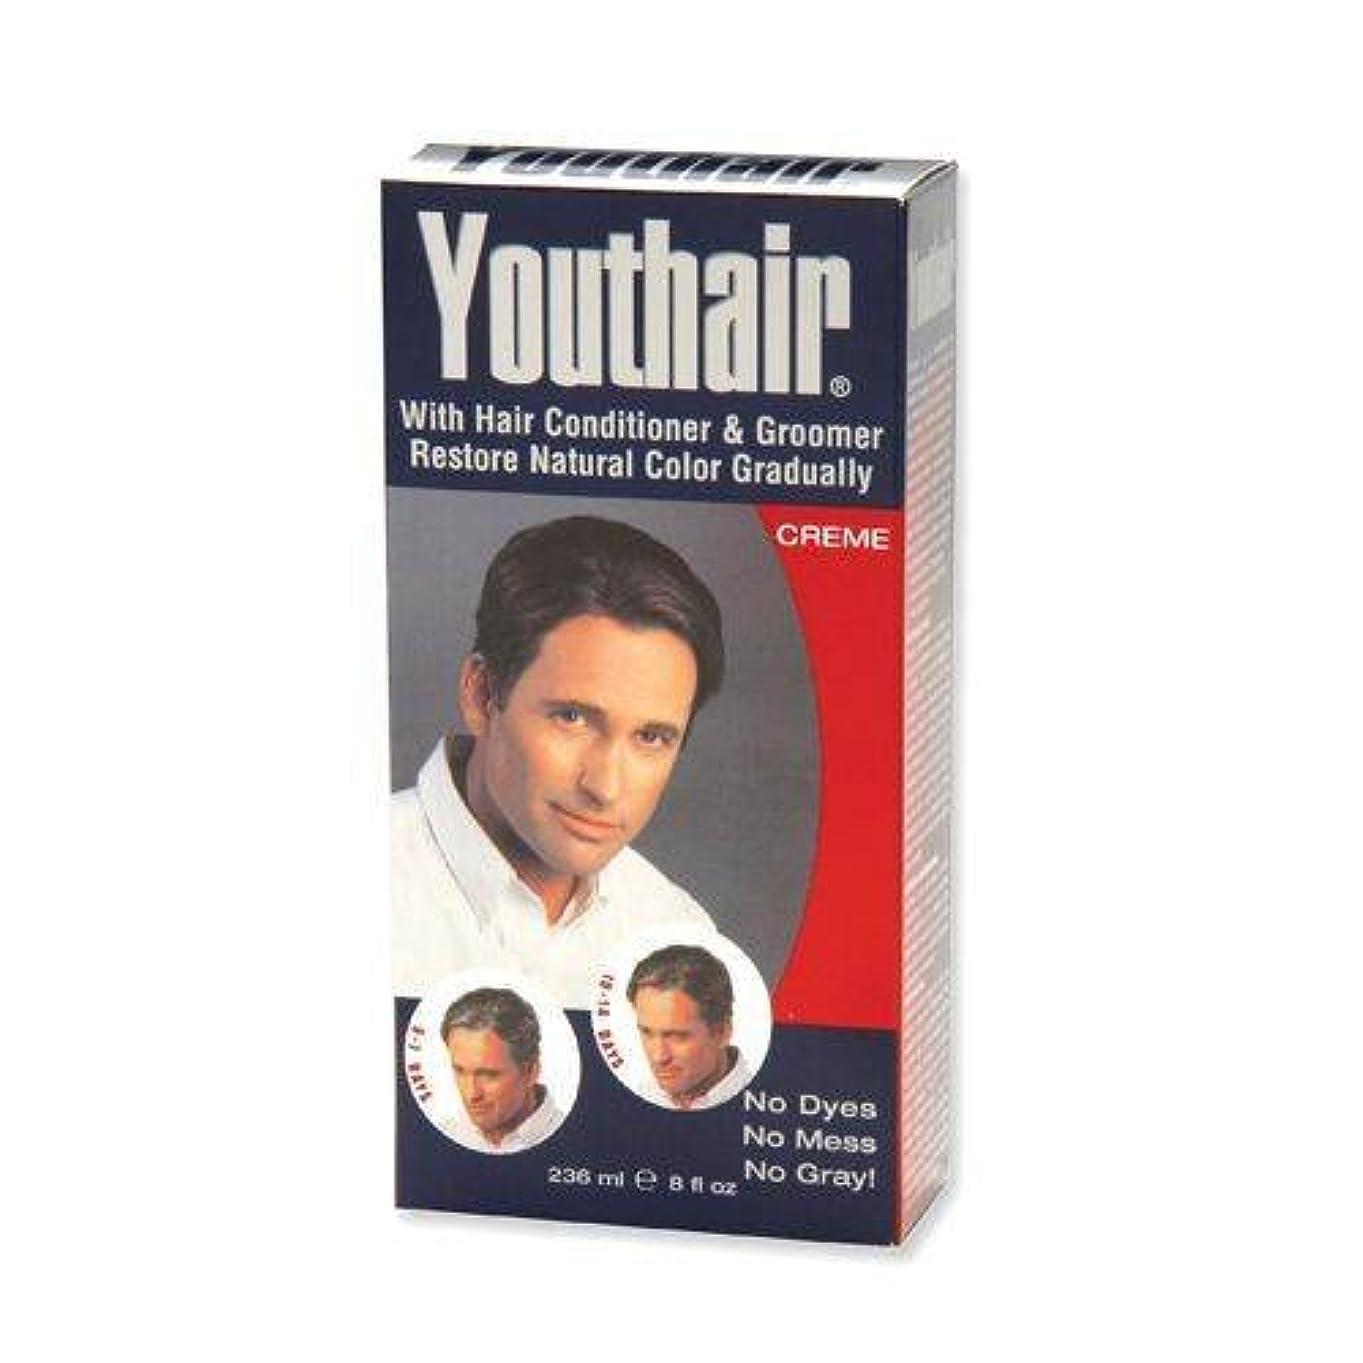 オーバーヘッド平和沼地YOUTHAIR Creme for Men with Hair Conditioner & Groomer Restore Natural Color Gradually 8oz/236ml by Youthair